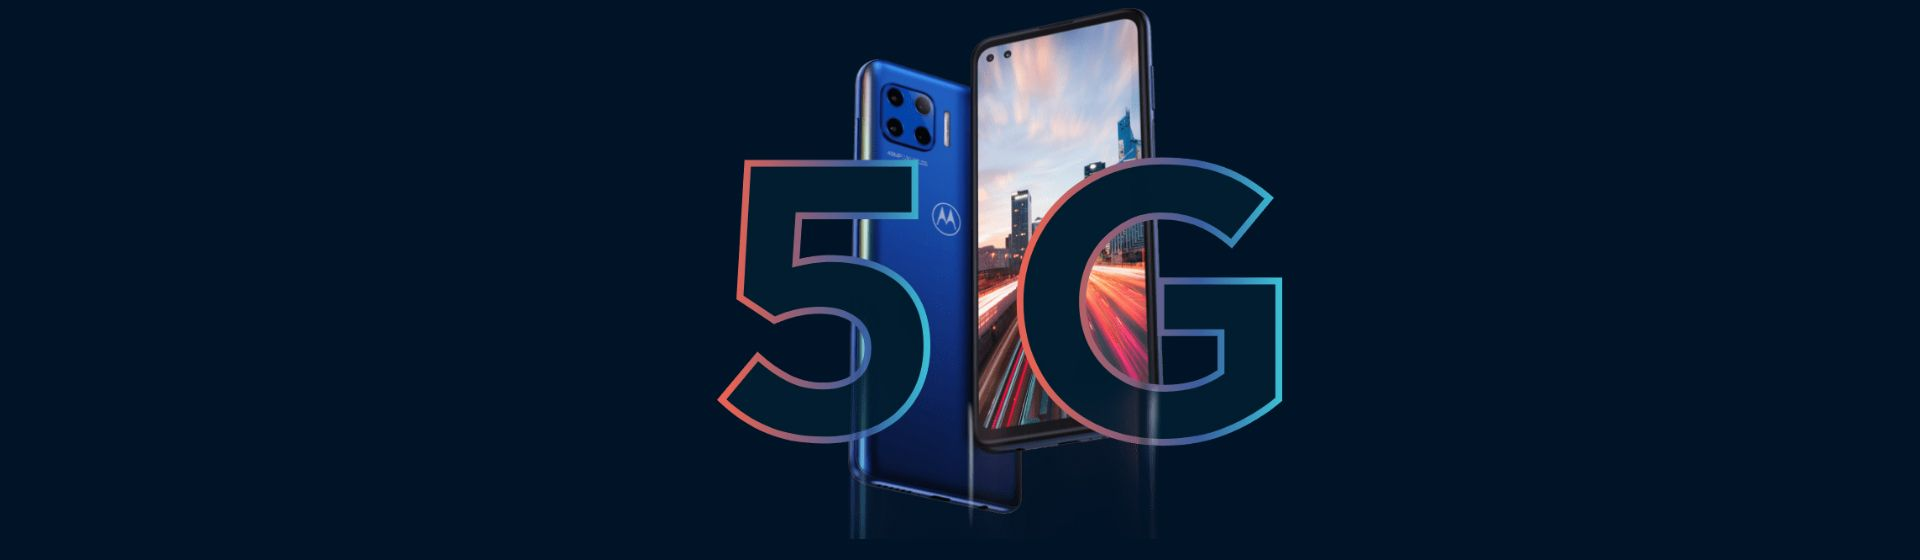 Moto G 5G Plus: veja a ficha técnica e preços do aparelho da Motorola